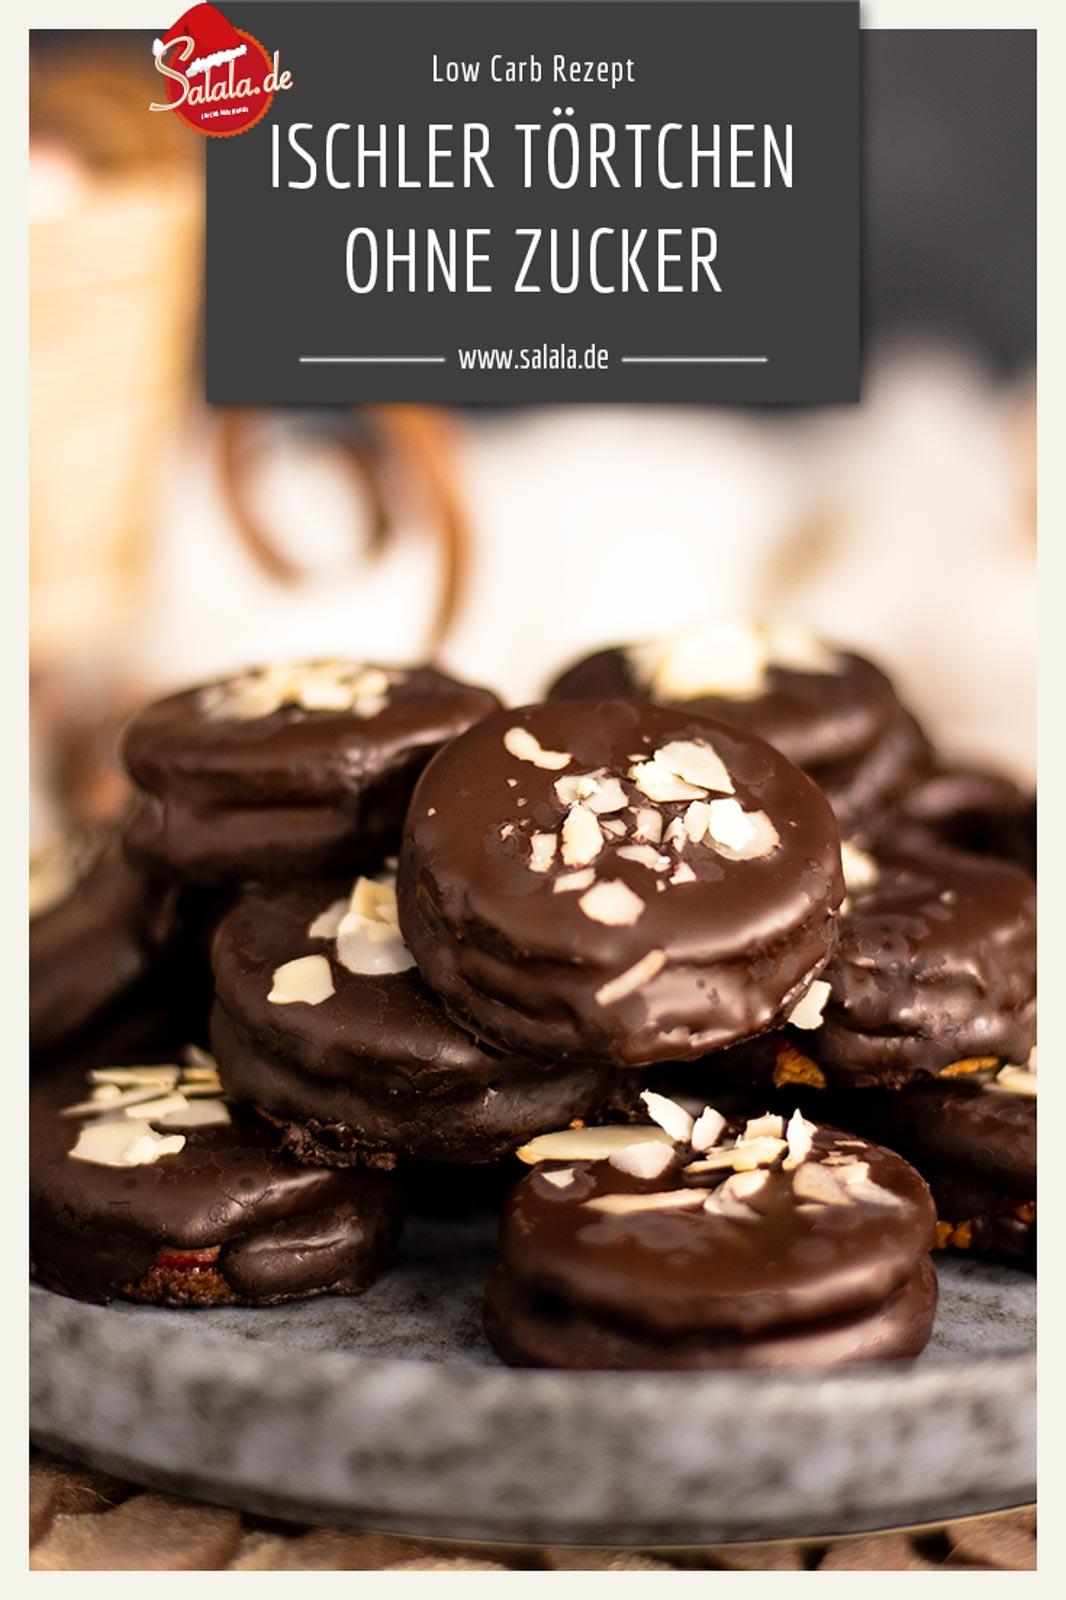 Ischler Törtchen mit Schokoladen-Buttercreme - by salala.de - ohne Zucker und ohne Mehl I Low Carb Plätzchen Rezept mit Marmelade #ischlertörtchen #lowcarb #lowcarbbacken #lowcarbplätzchen #plätzchen #backen #weihnachten #ischler #ischlerplätzchen #backenohnezucker